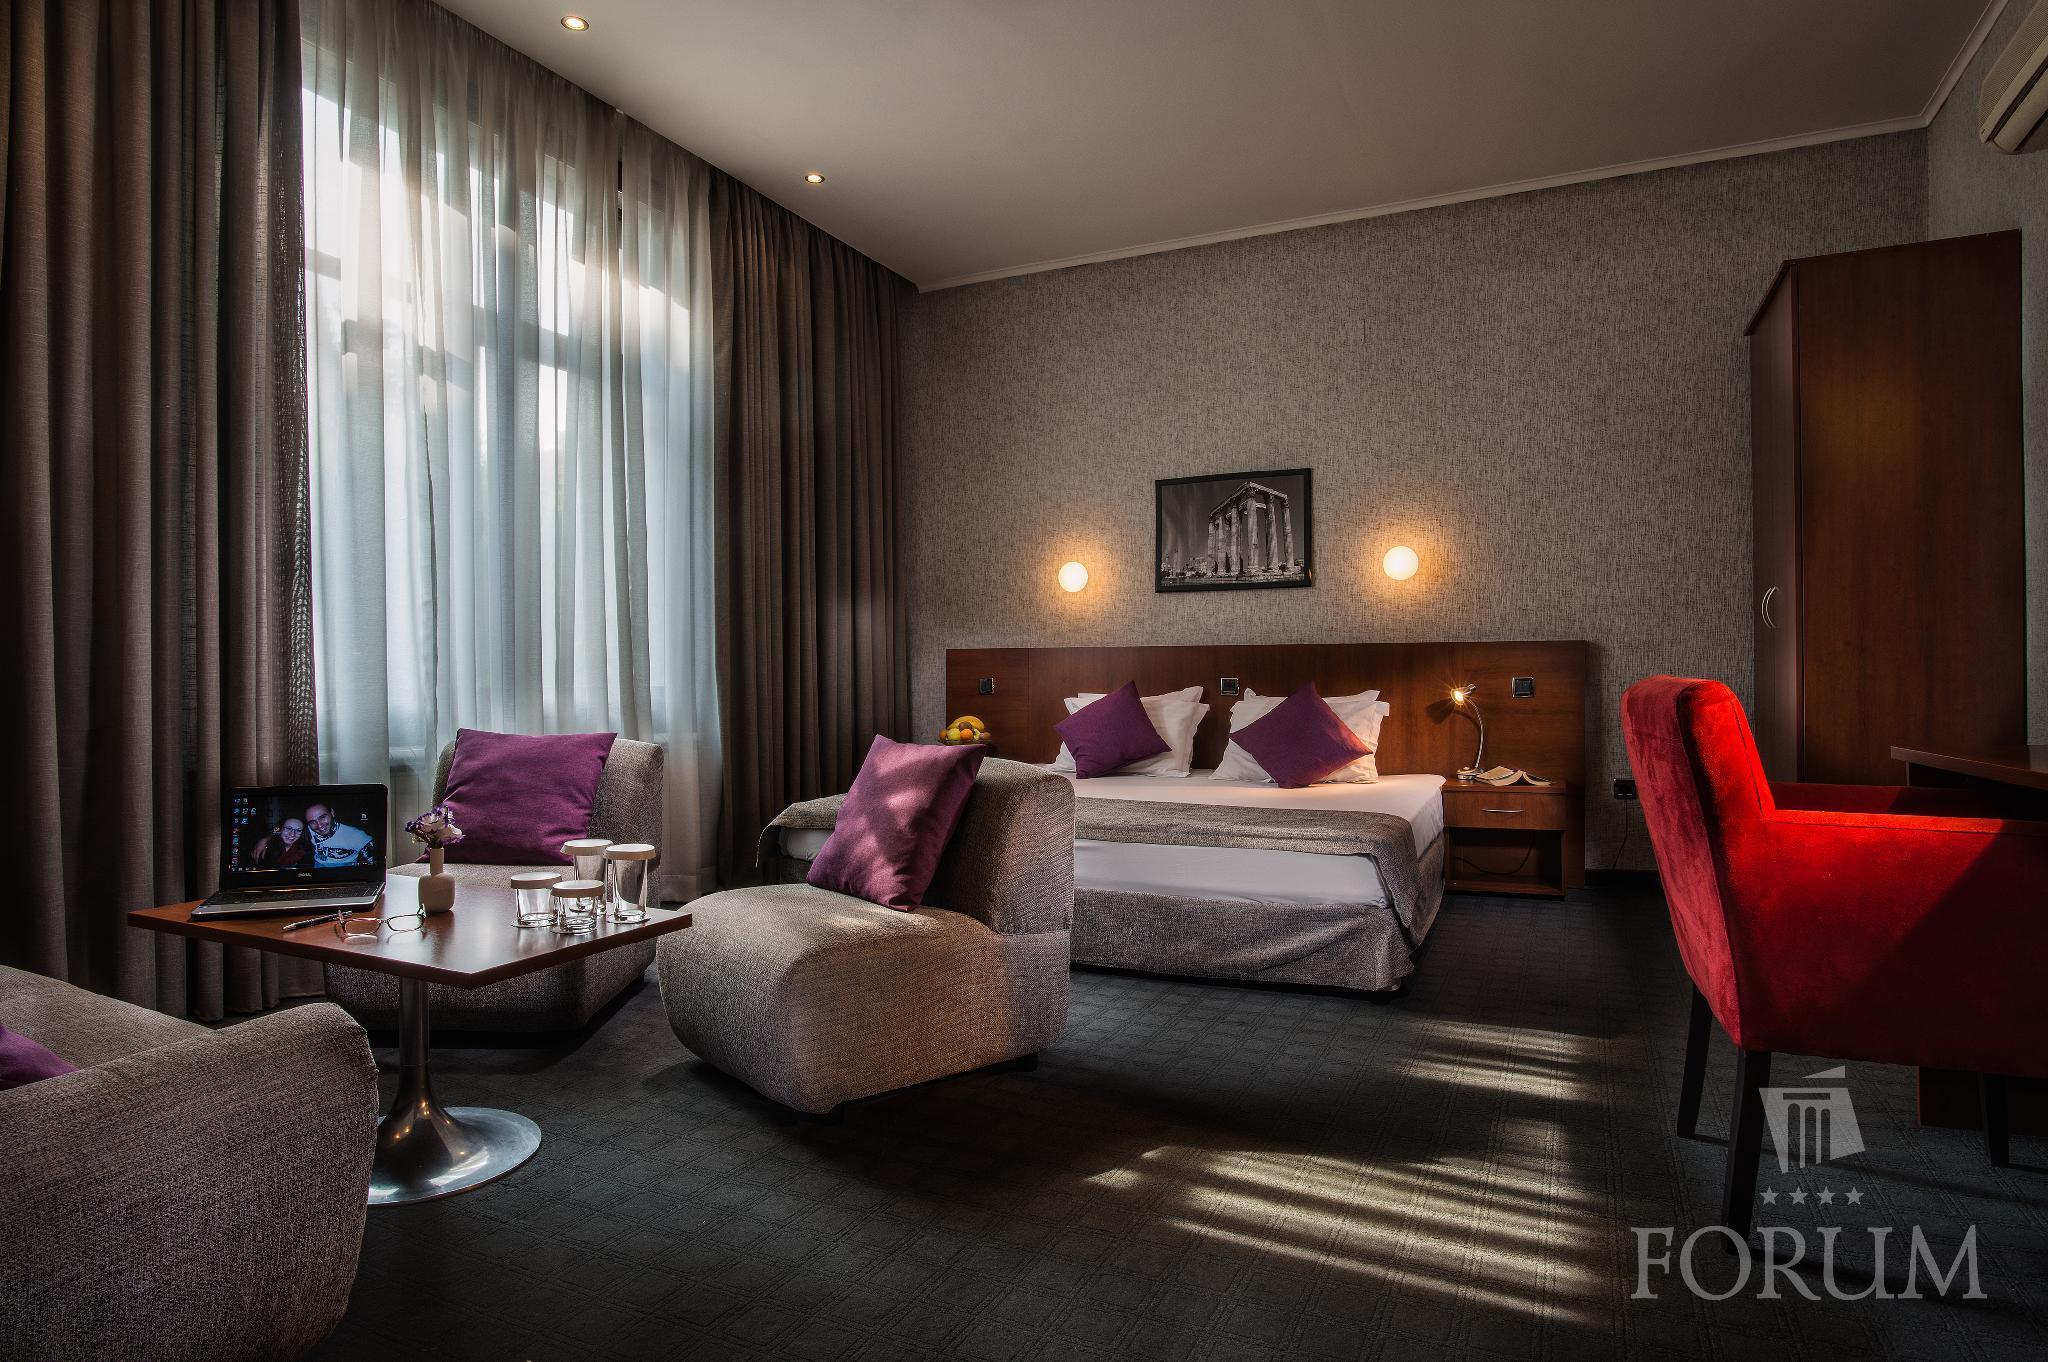 Hotel Restaurant FORUM